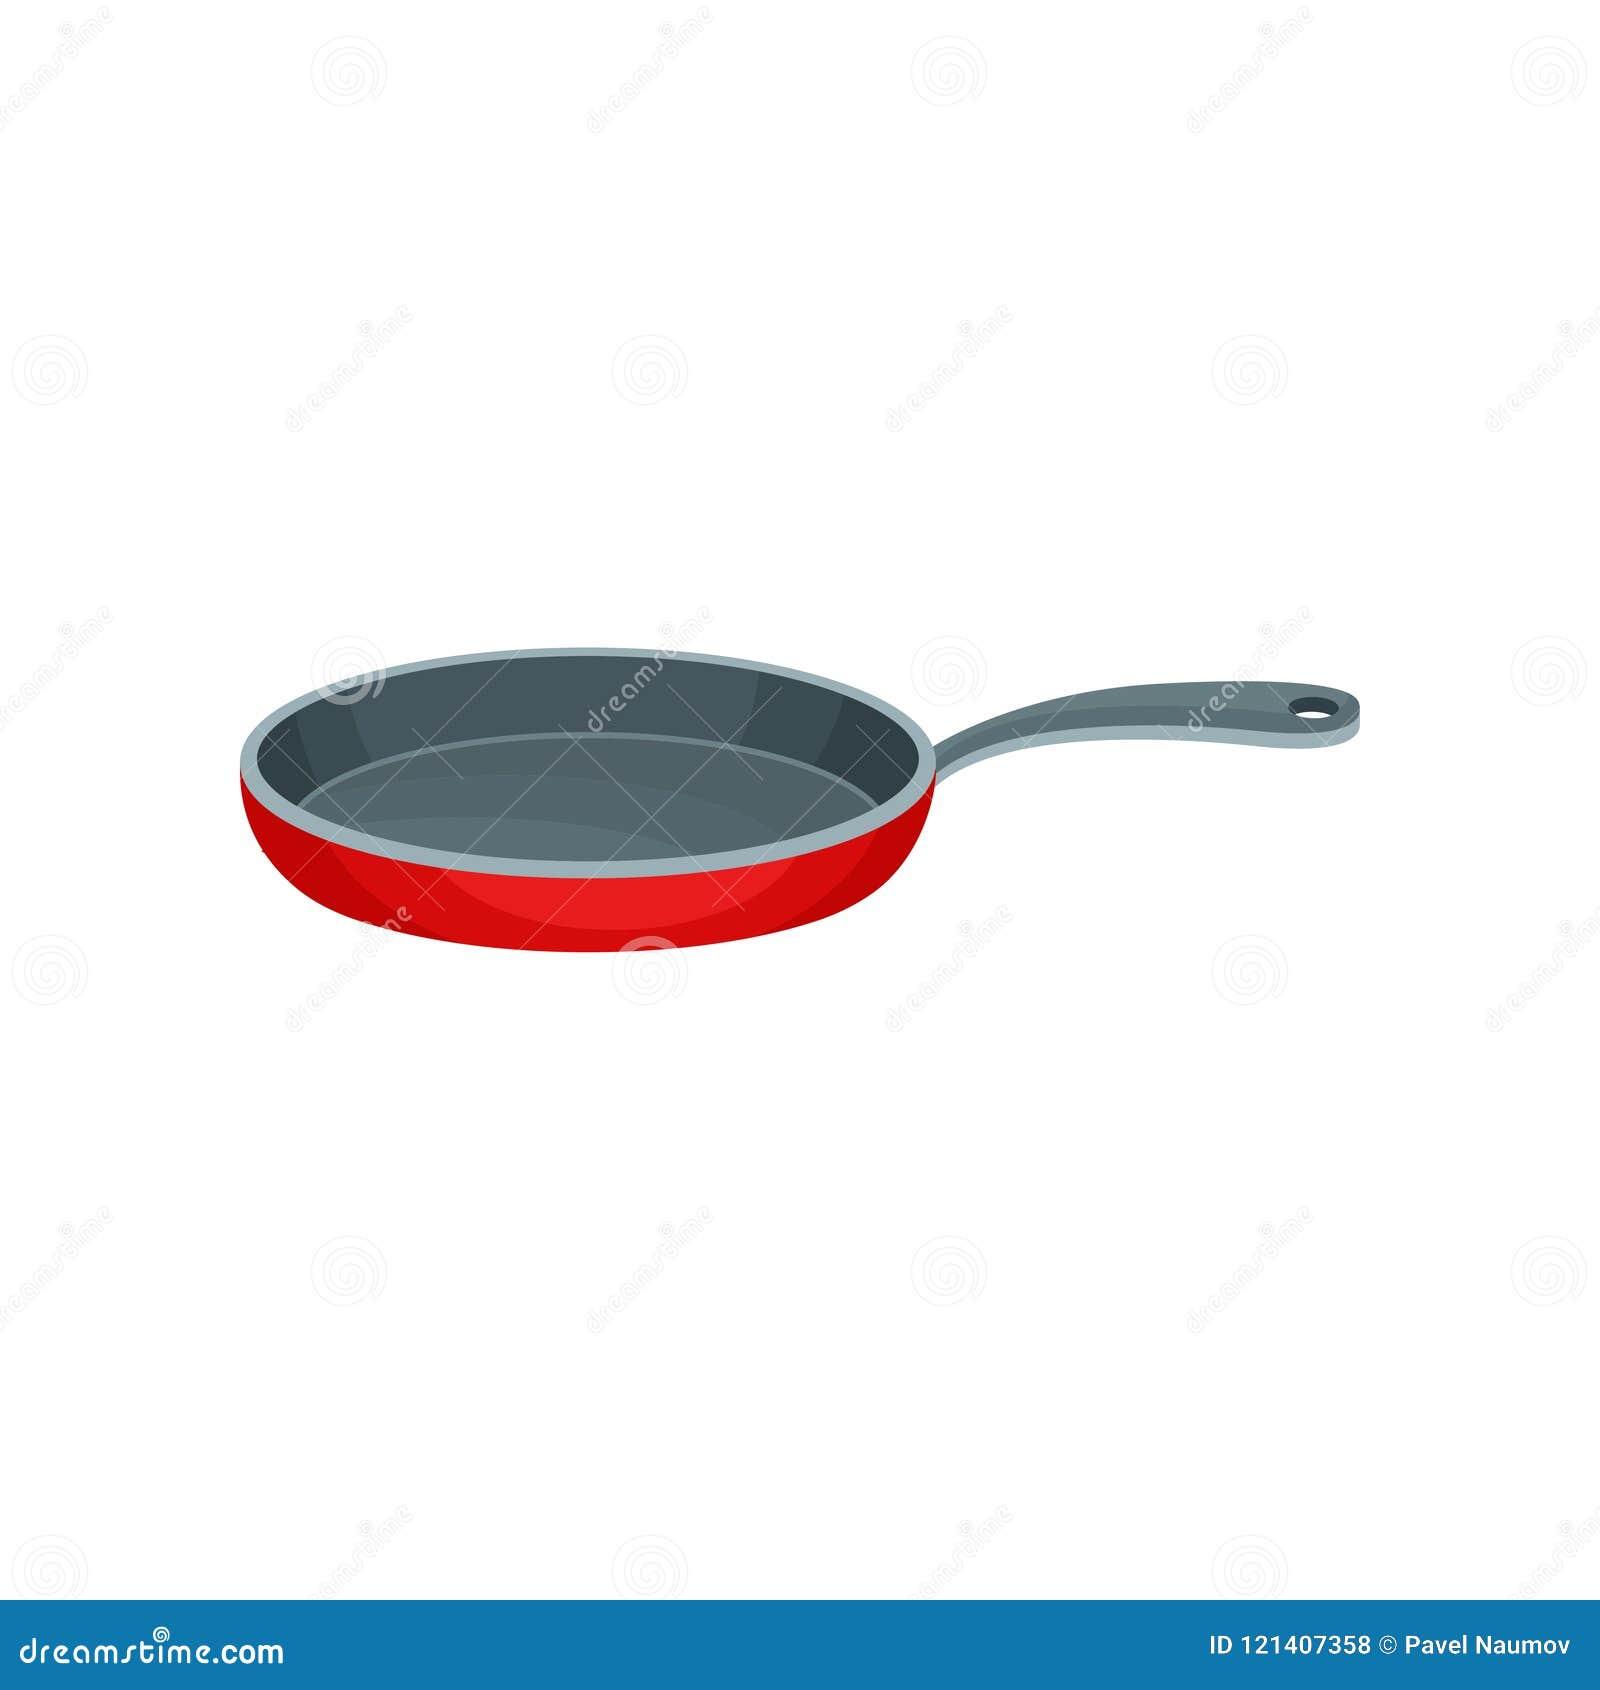 Vlak vectorpictogram van rode metaalpan met grijs handvat Roestvrije die container voor het koken van voedsel wordt gebruikt Keuk